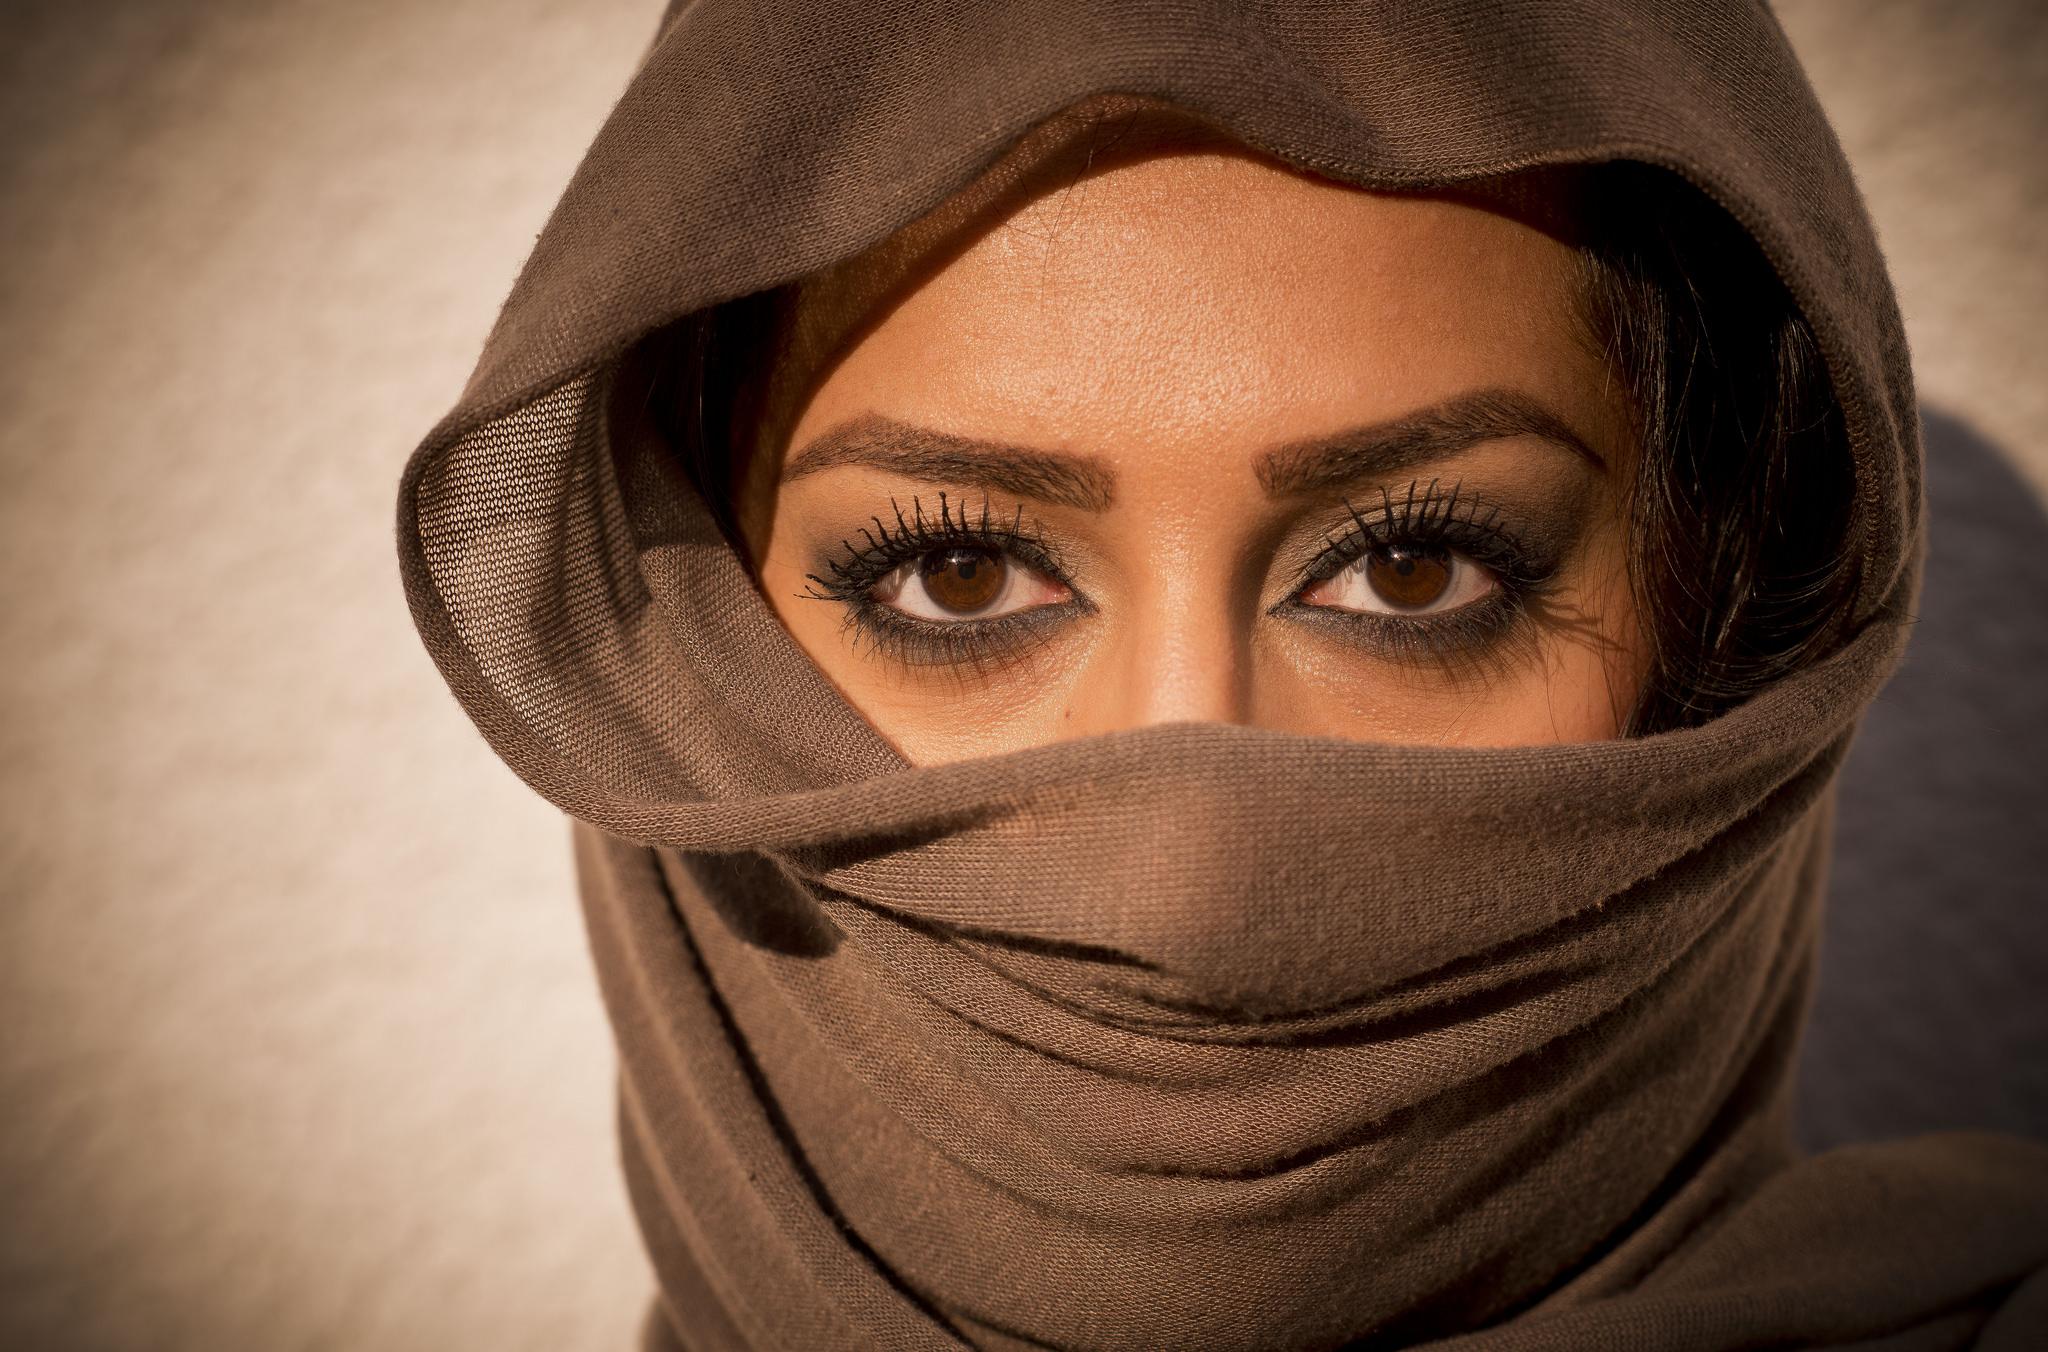 Bella mujer con su rostro tapado - 2048x1352